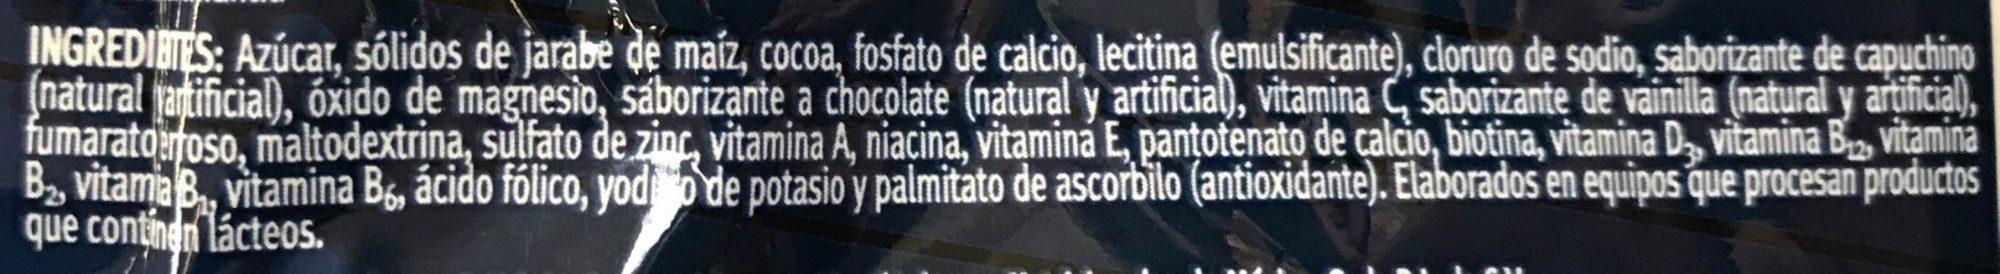 Chocolate en polvo - Ingrédients - es